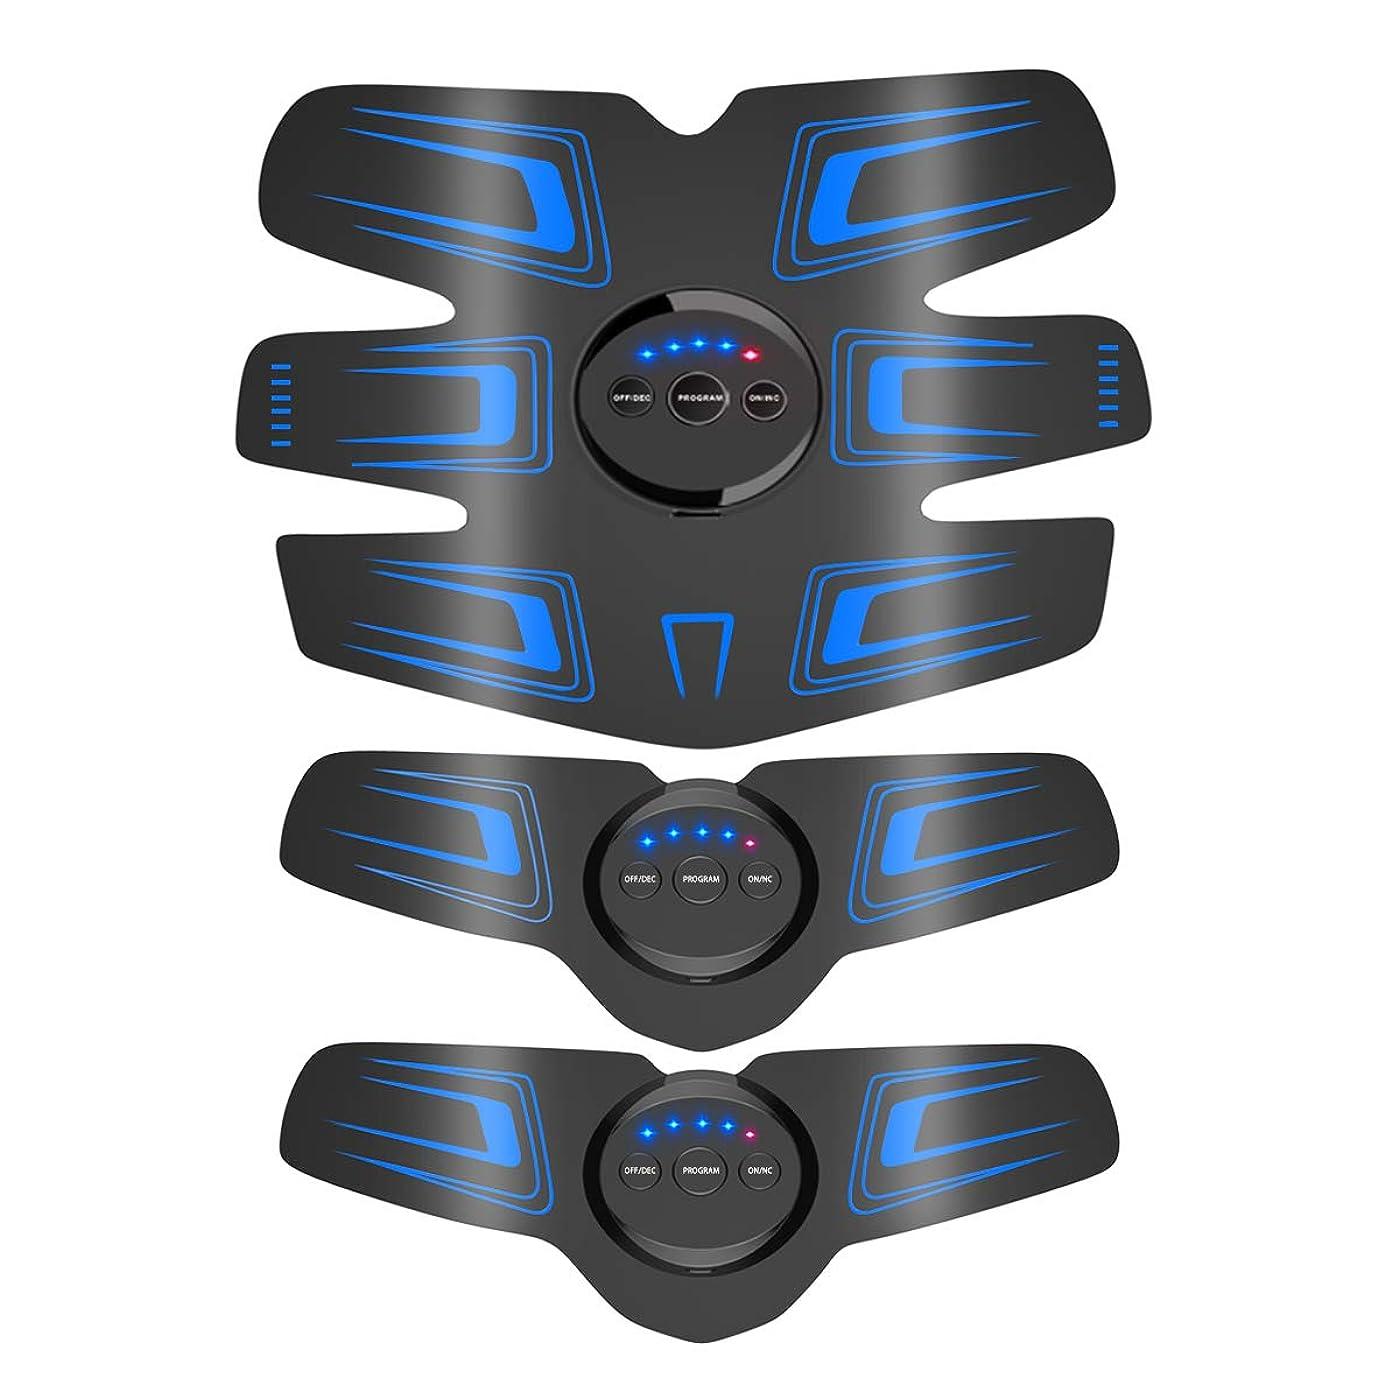 害スナップそれからEMS 腹筋ベルト 筋力トレーニング  超長時間使用 USB充電式 腹筋器具 腹筋トレ ダイエット フィットネス お腹 腕 男女兼用 10段階調節 6モード